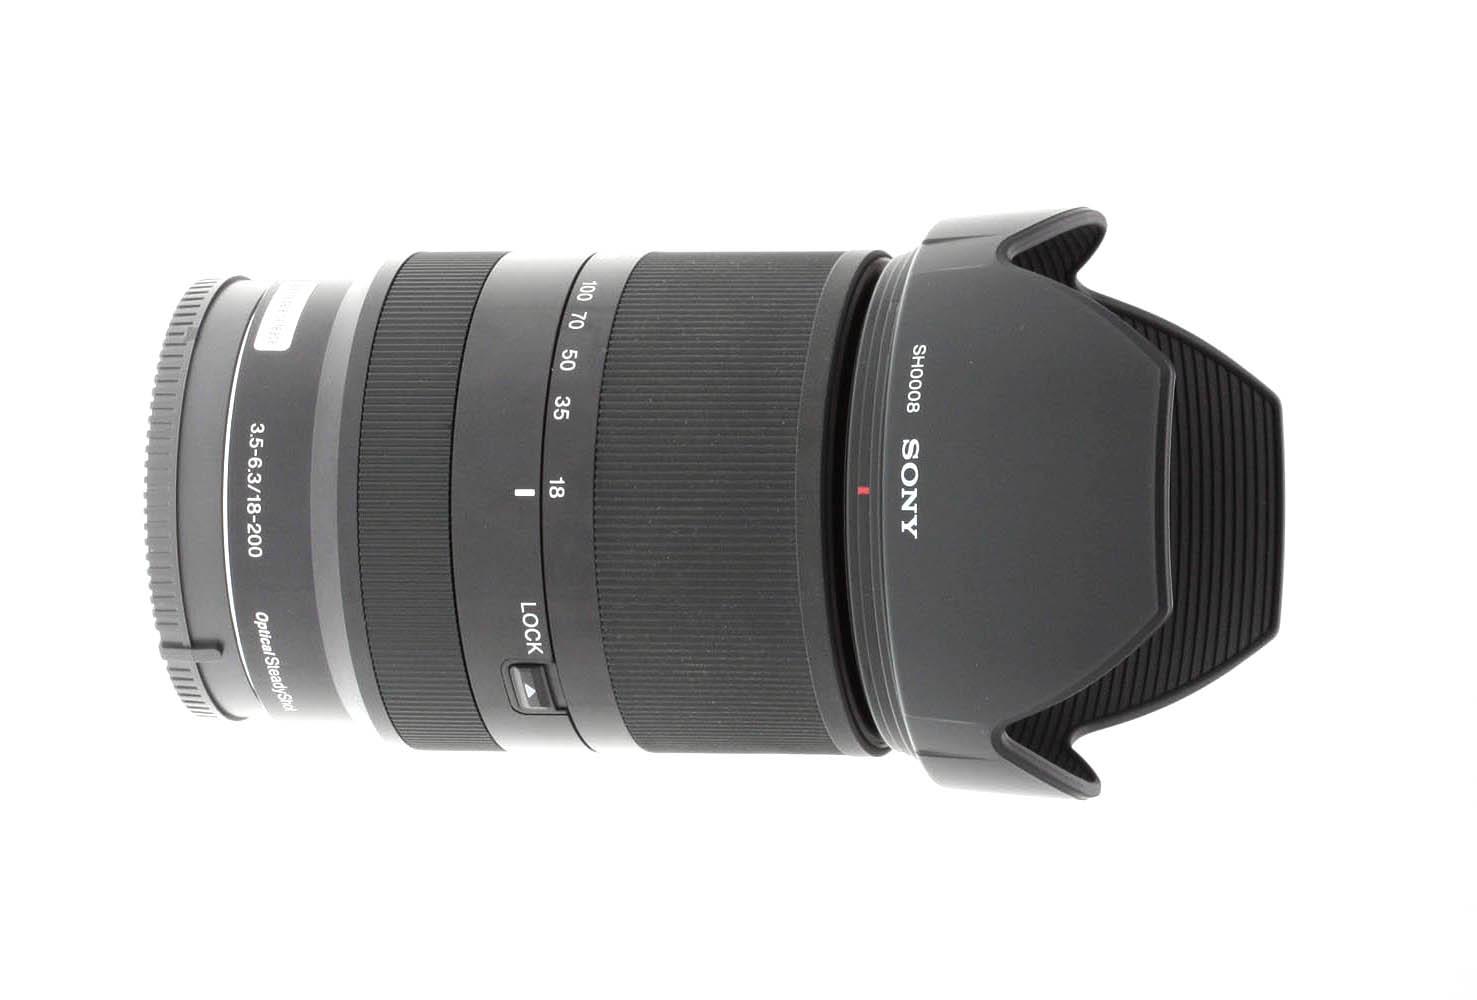 Sony E 18 200mm F 35 63 Oss Le Sel18200le Review Tamron Di Ii Vc For Canon Nikon Sample Photos